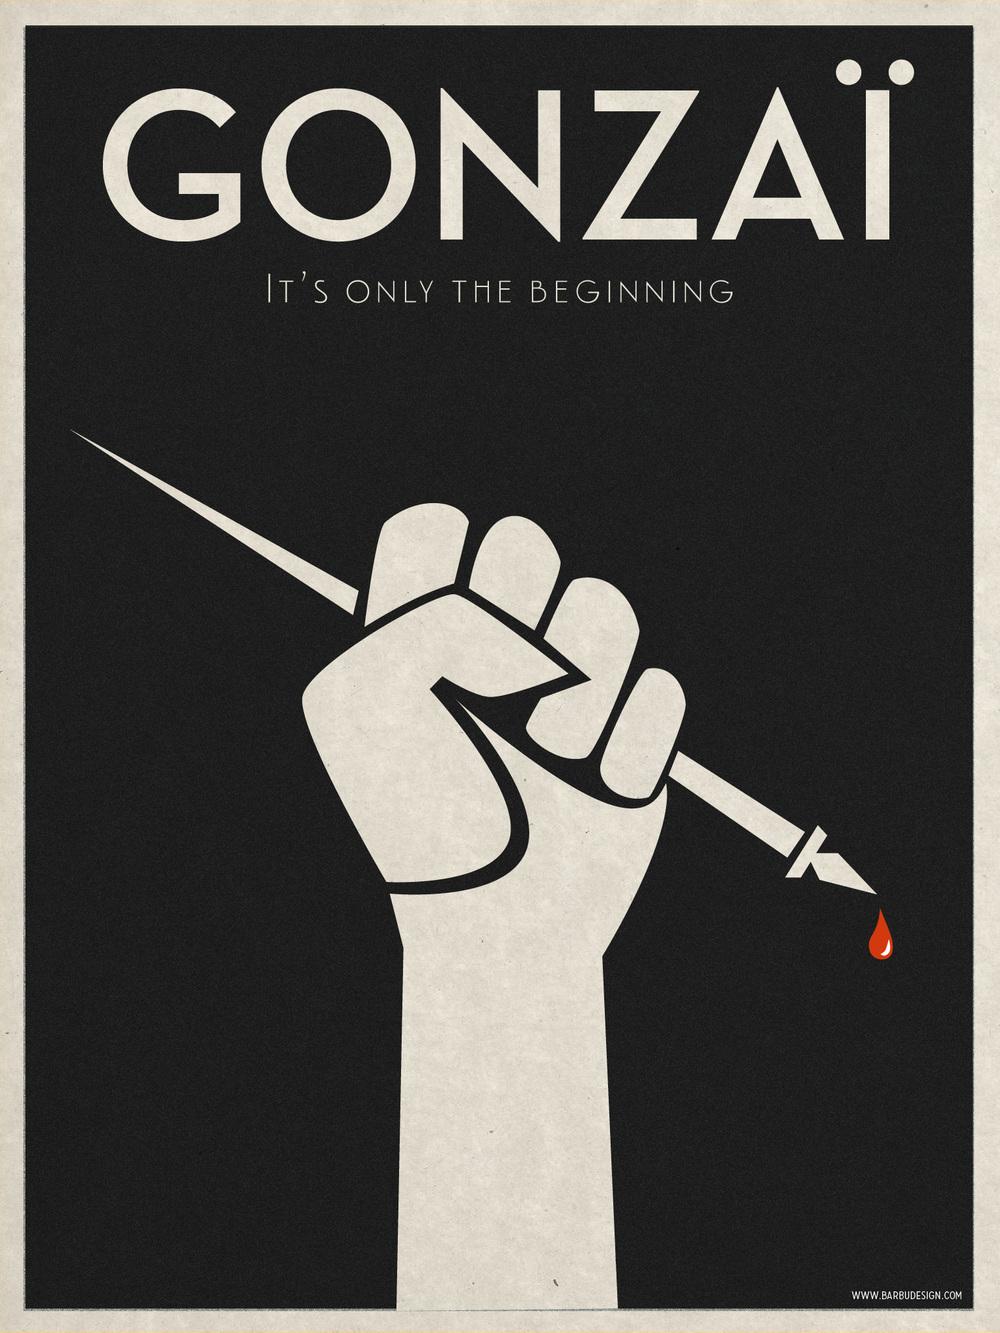 GONZAI Ulule - fist-01-01.jpg